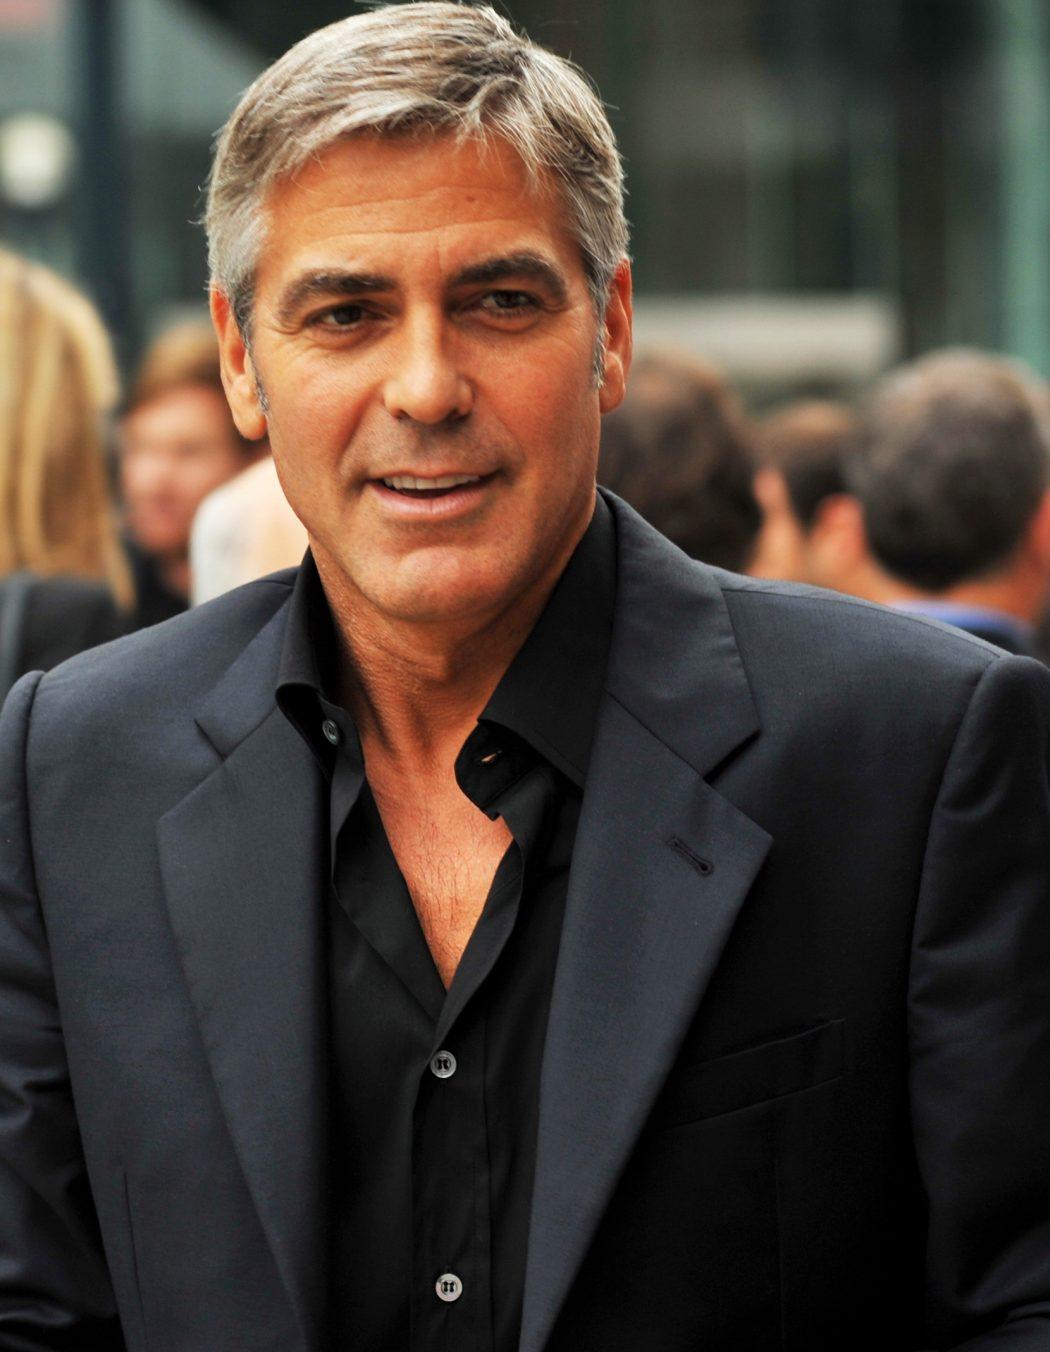 George_Clooney-Adam4Adam